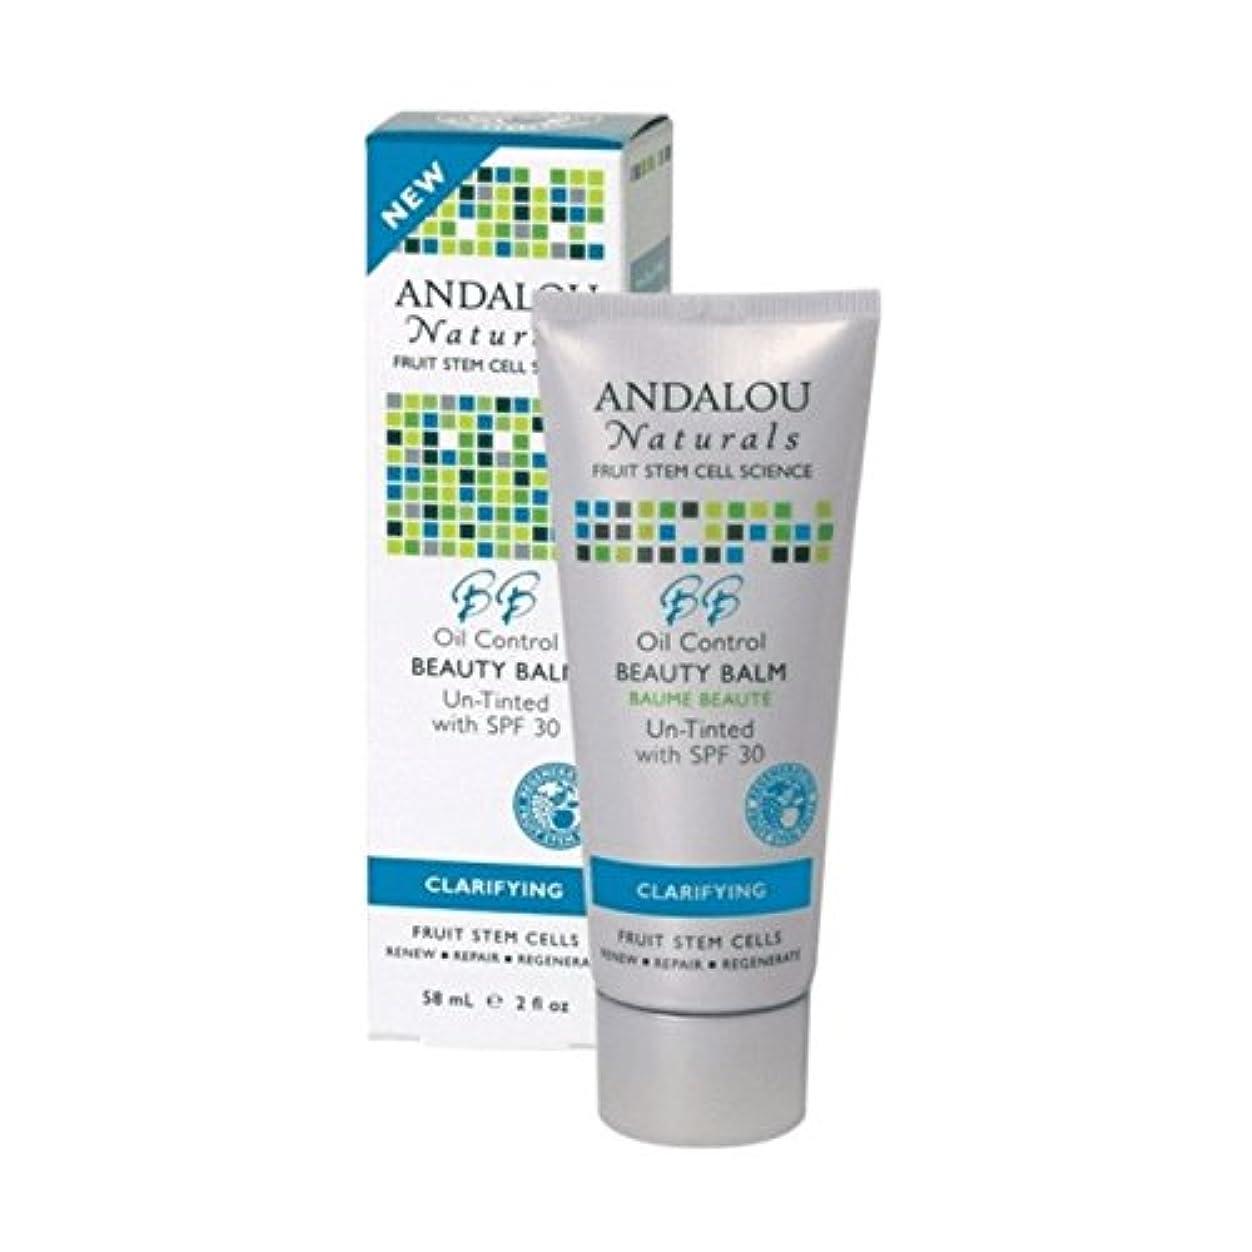 ブラジャーライフル賭けAndalou Oil Control Beauty Balm Un-Tinted SPF 30 58ml (Pack of 2) - アンダロウオイルコントロール美容バーム未着色Spf 30 58ミリリットル (x2) [並行輸入品]